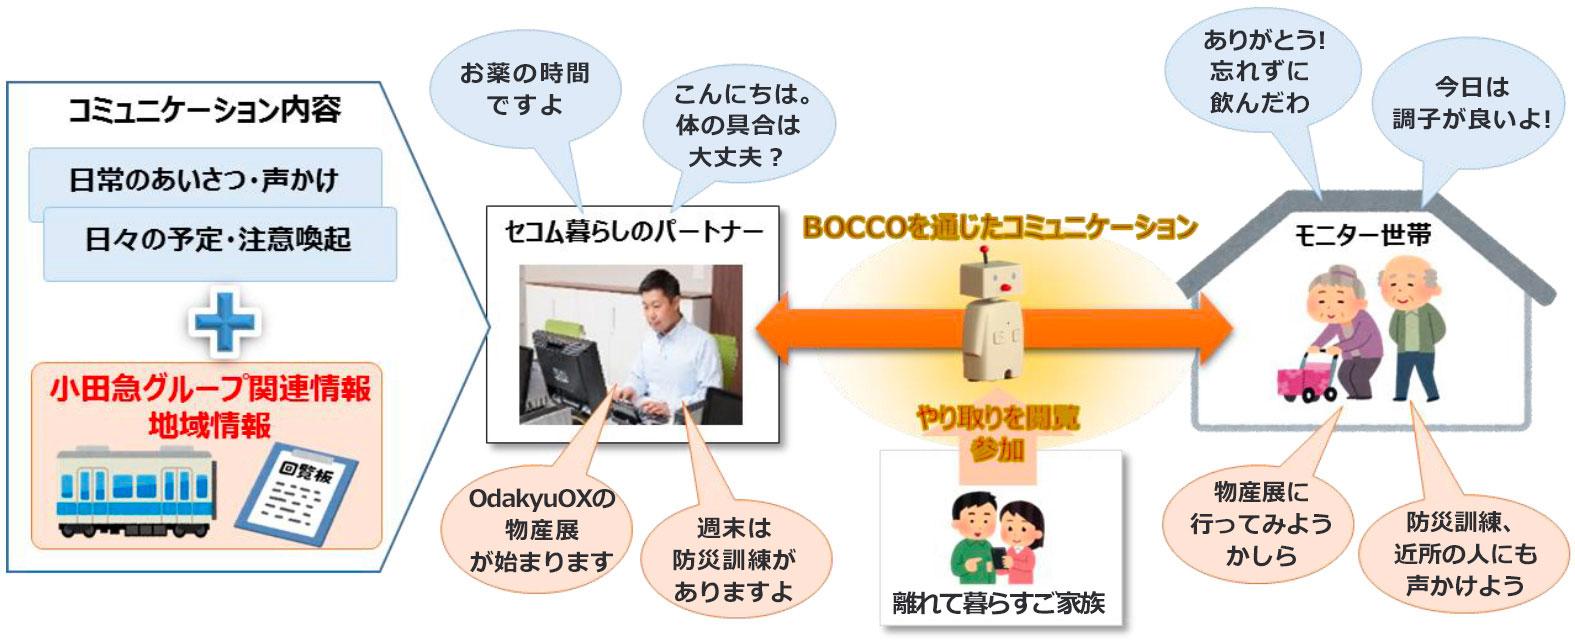 コミュニケーションロボット「BOCCO」